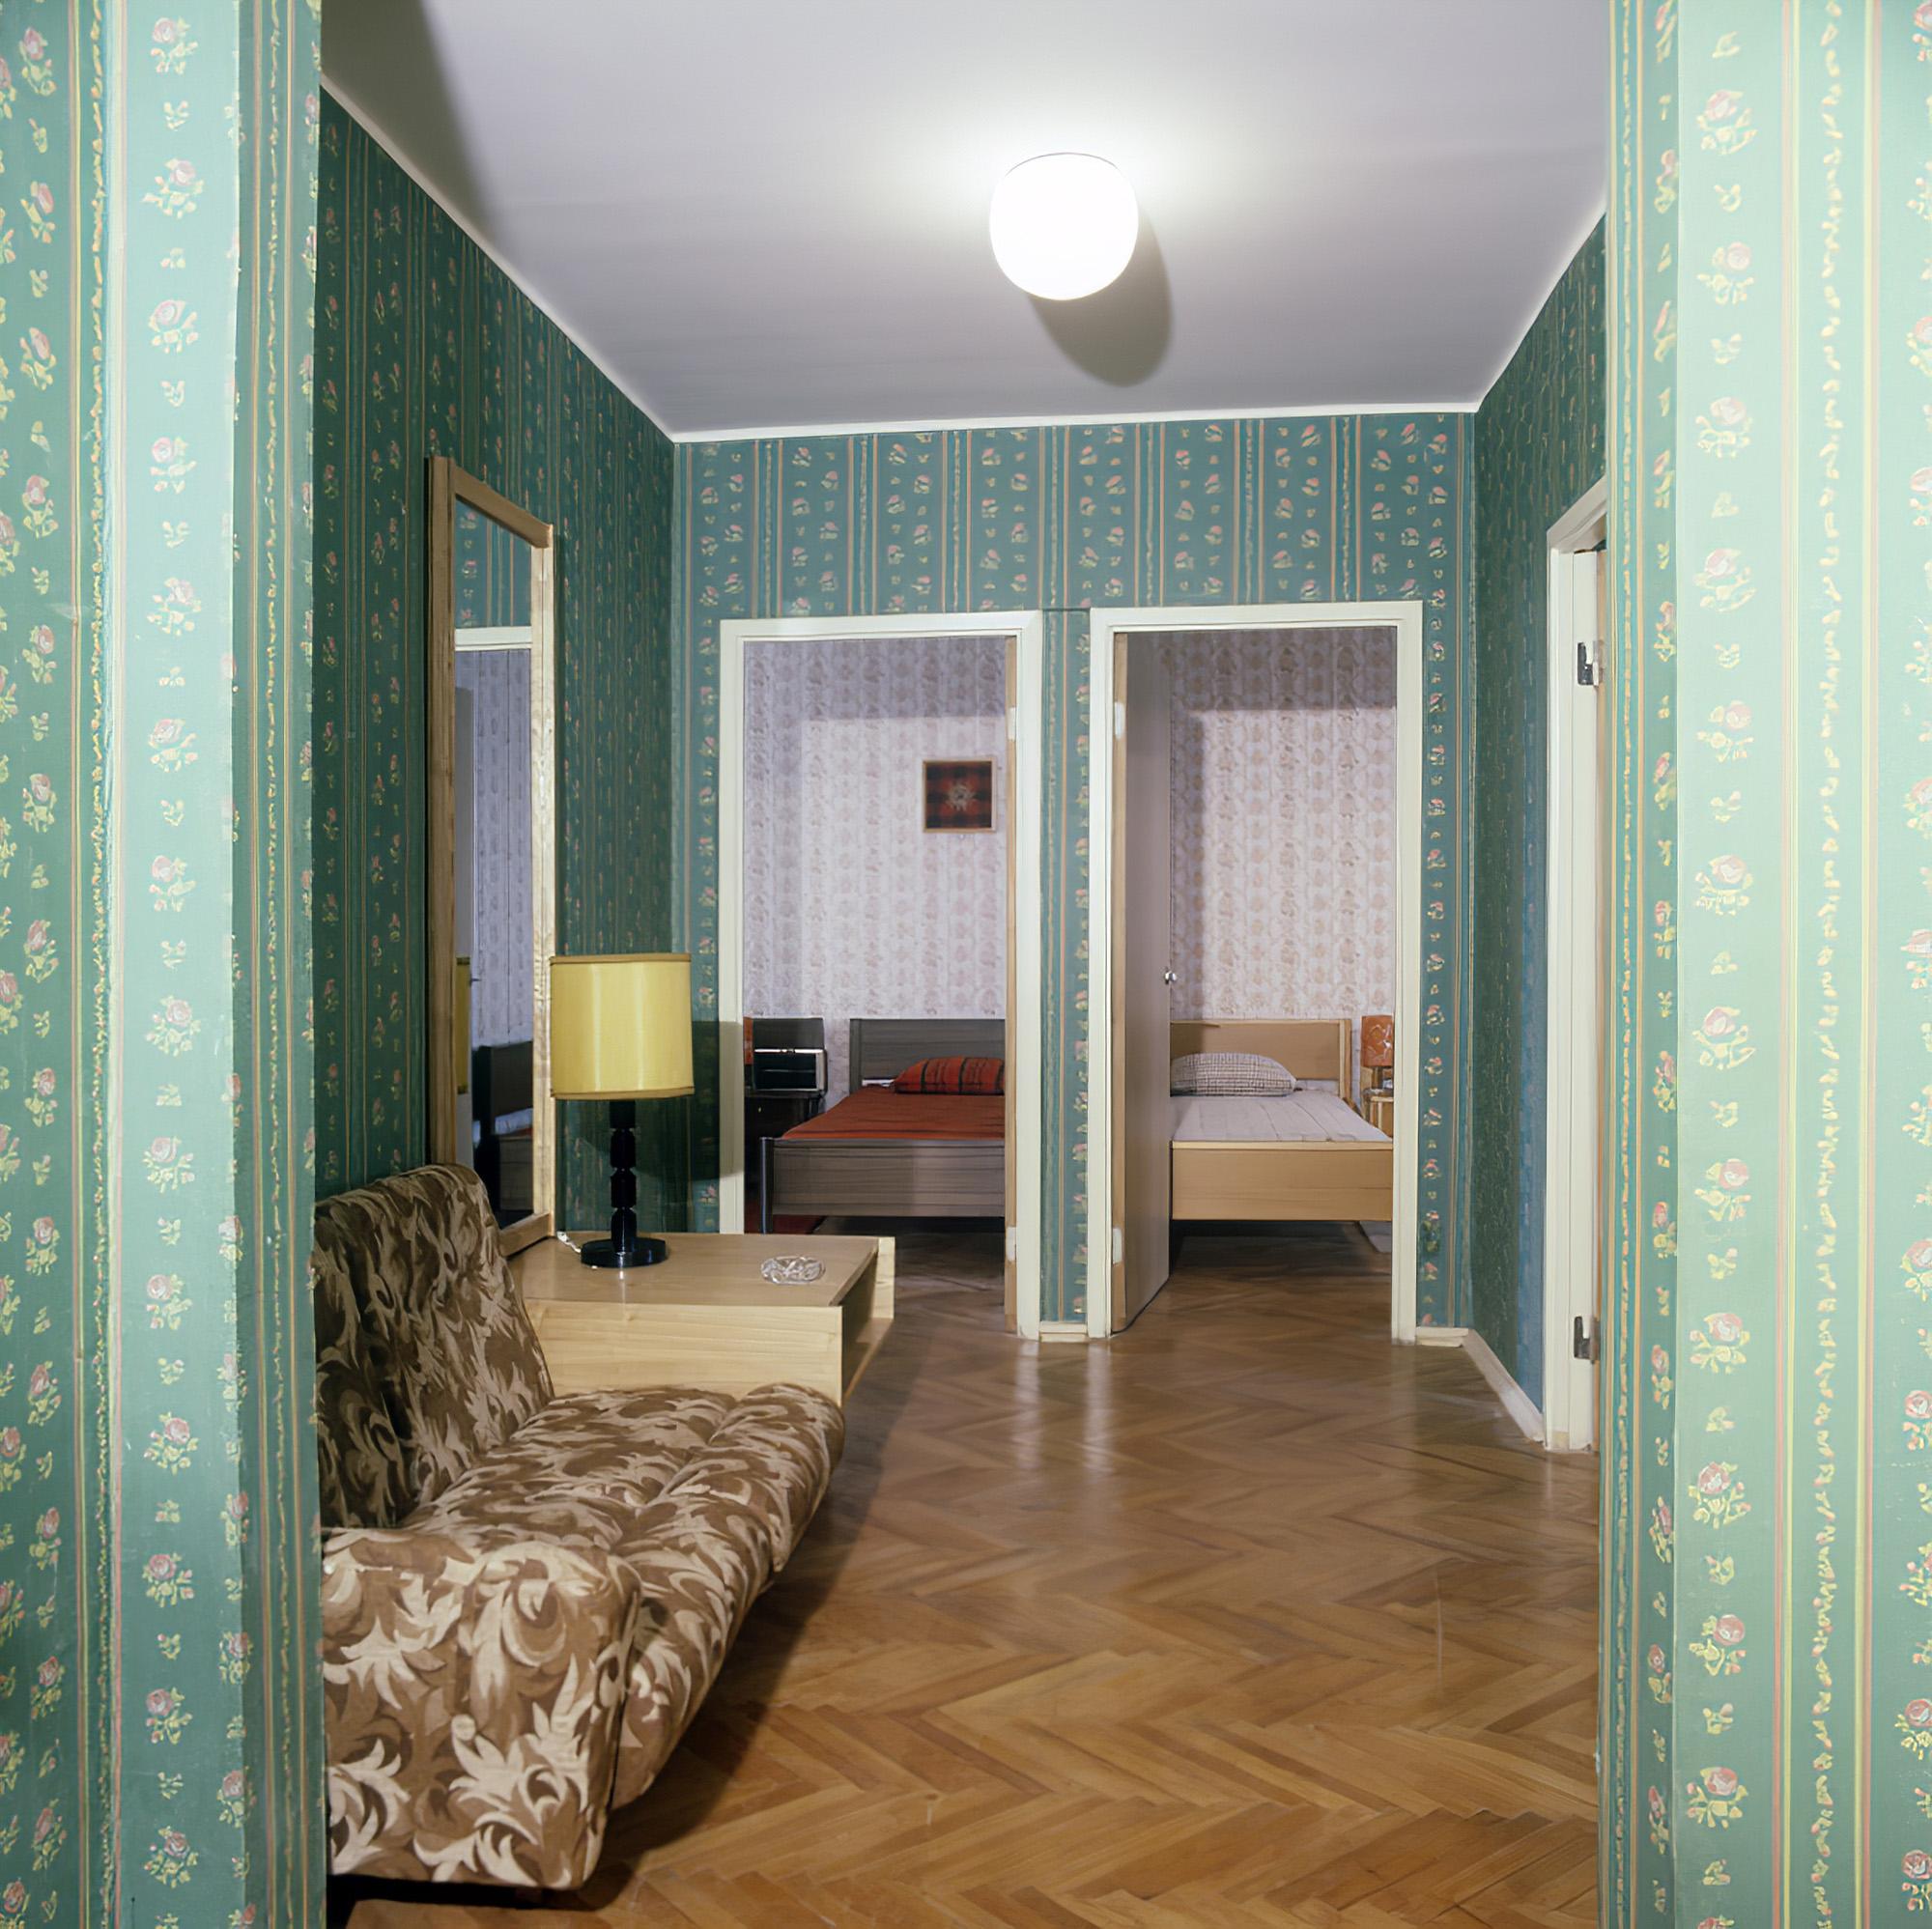 1980 Жилая комната в одном из домов Олимпийской деревни. М.Барабанов_cmpk